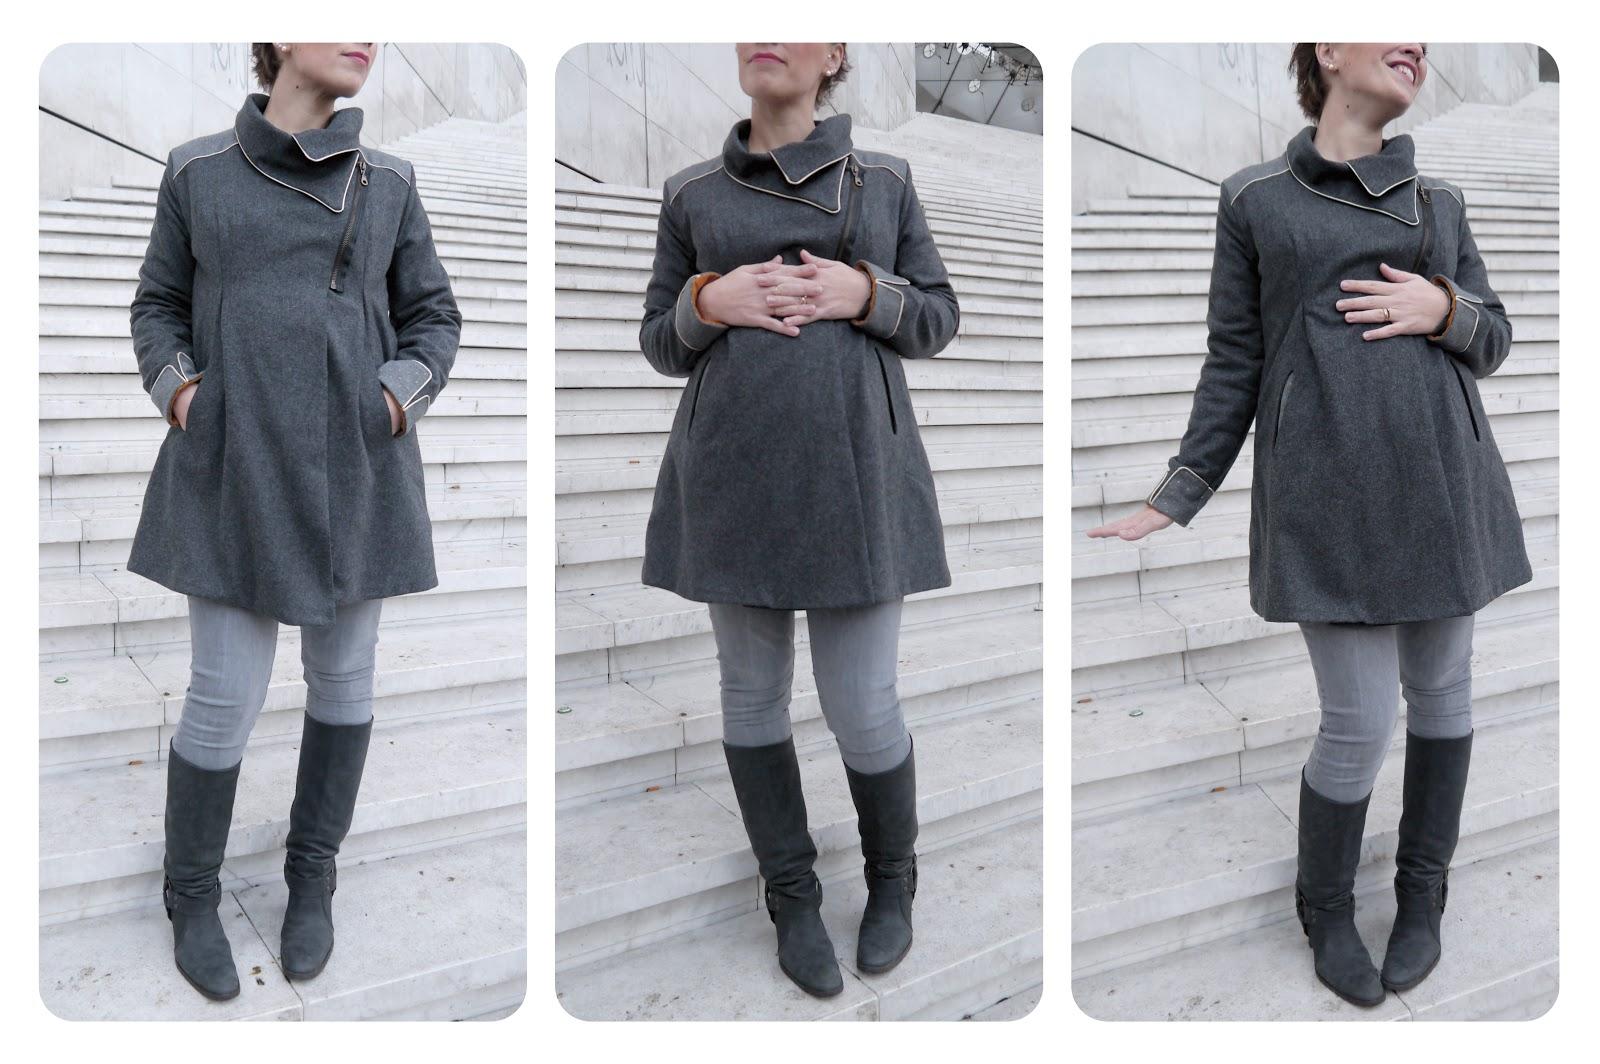 patron couture manteau femme enceinte. Black Bedroom Furniture Sets. Home Design Ideas